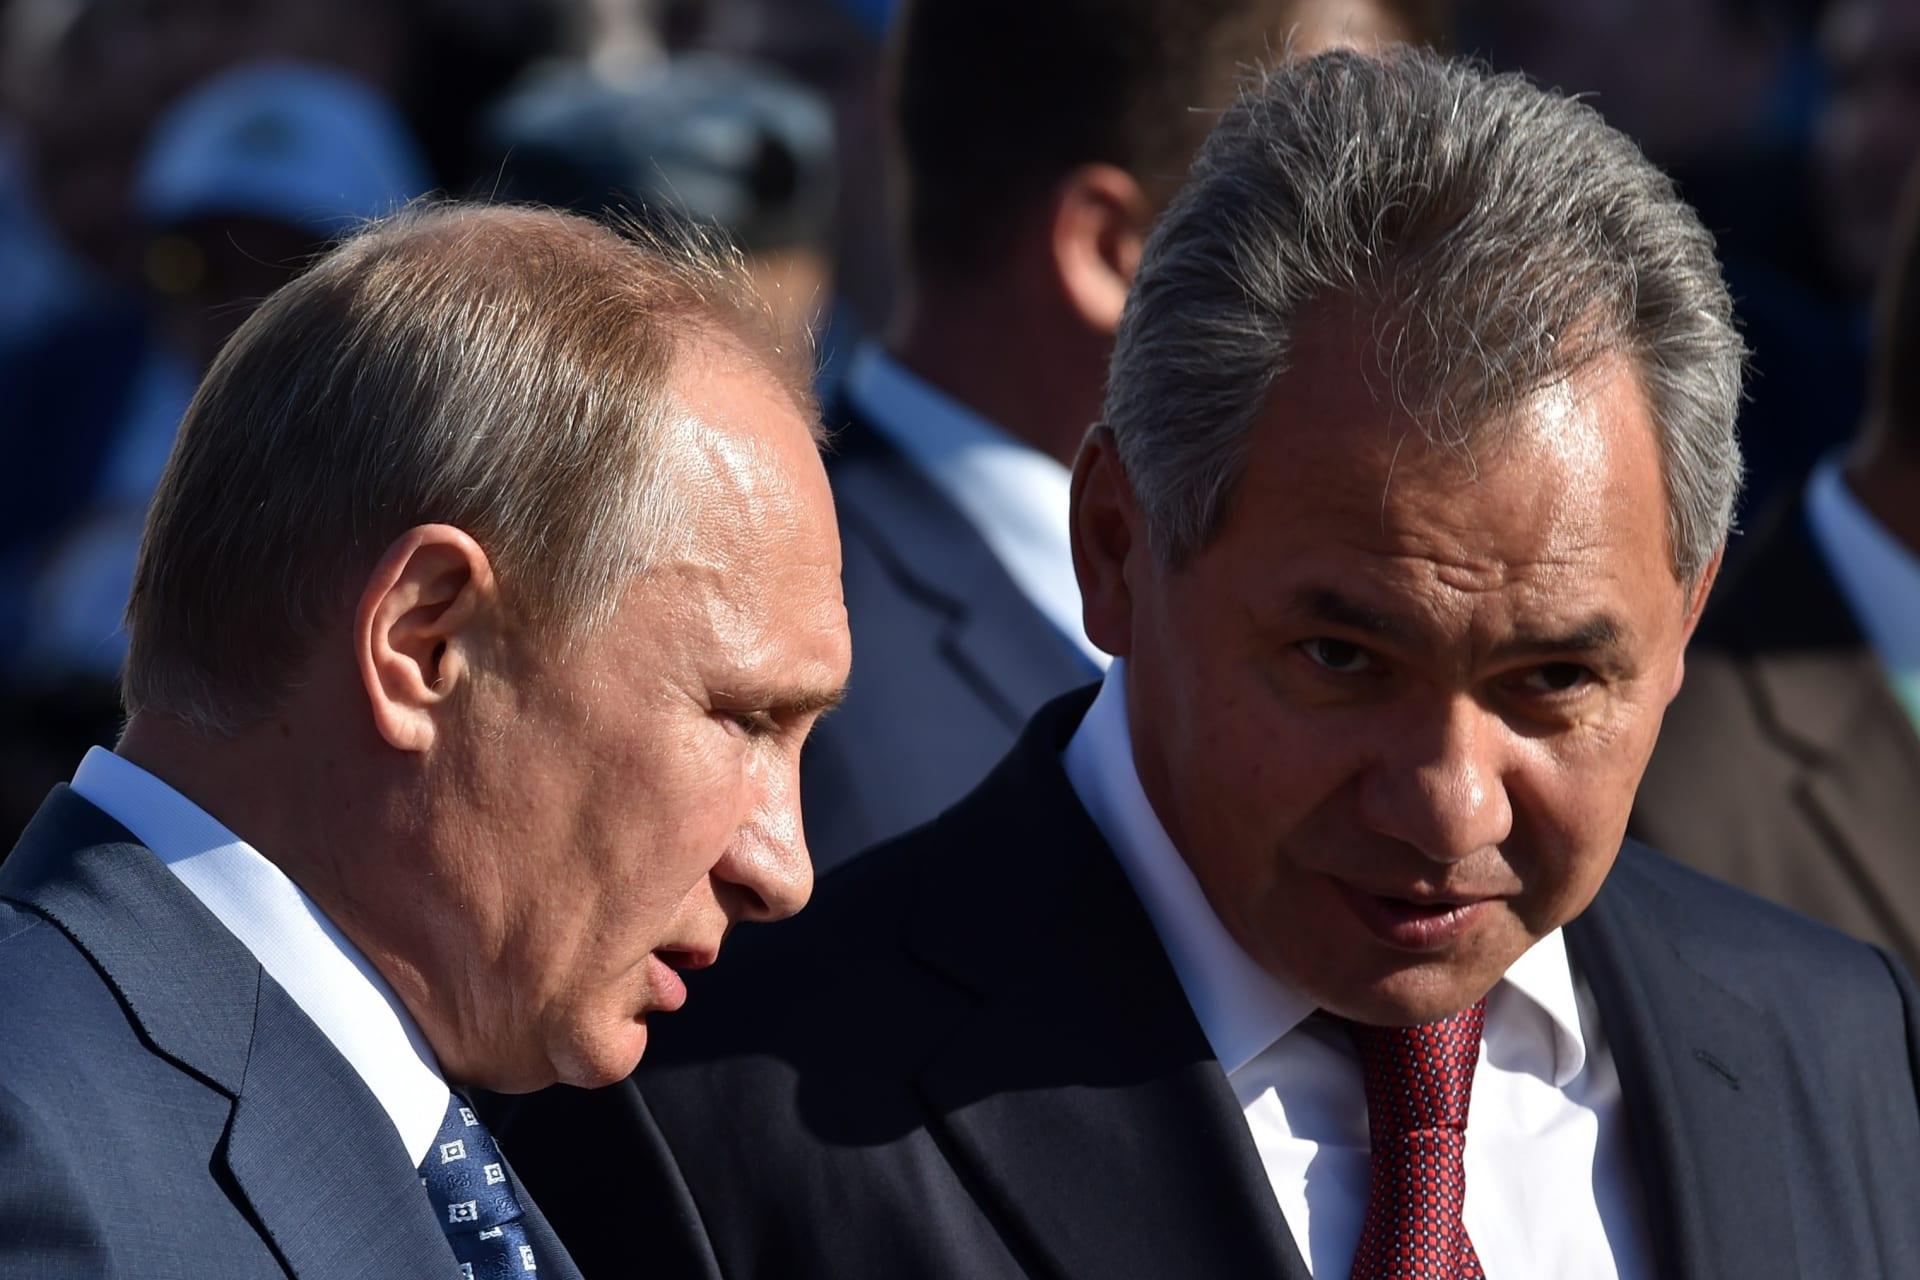 """روسيا تقصف مواقع """"داعش"""" في سوريا بصواريخ """"كاليبر"""" من غواصة بالبحر المتوسط لأول مرة"""